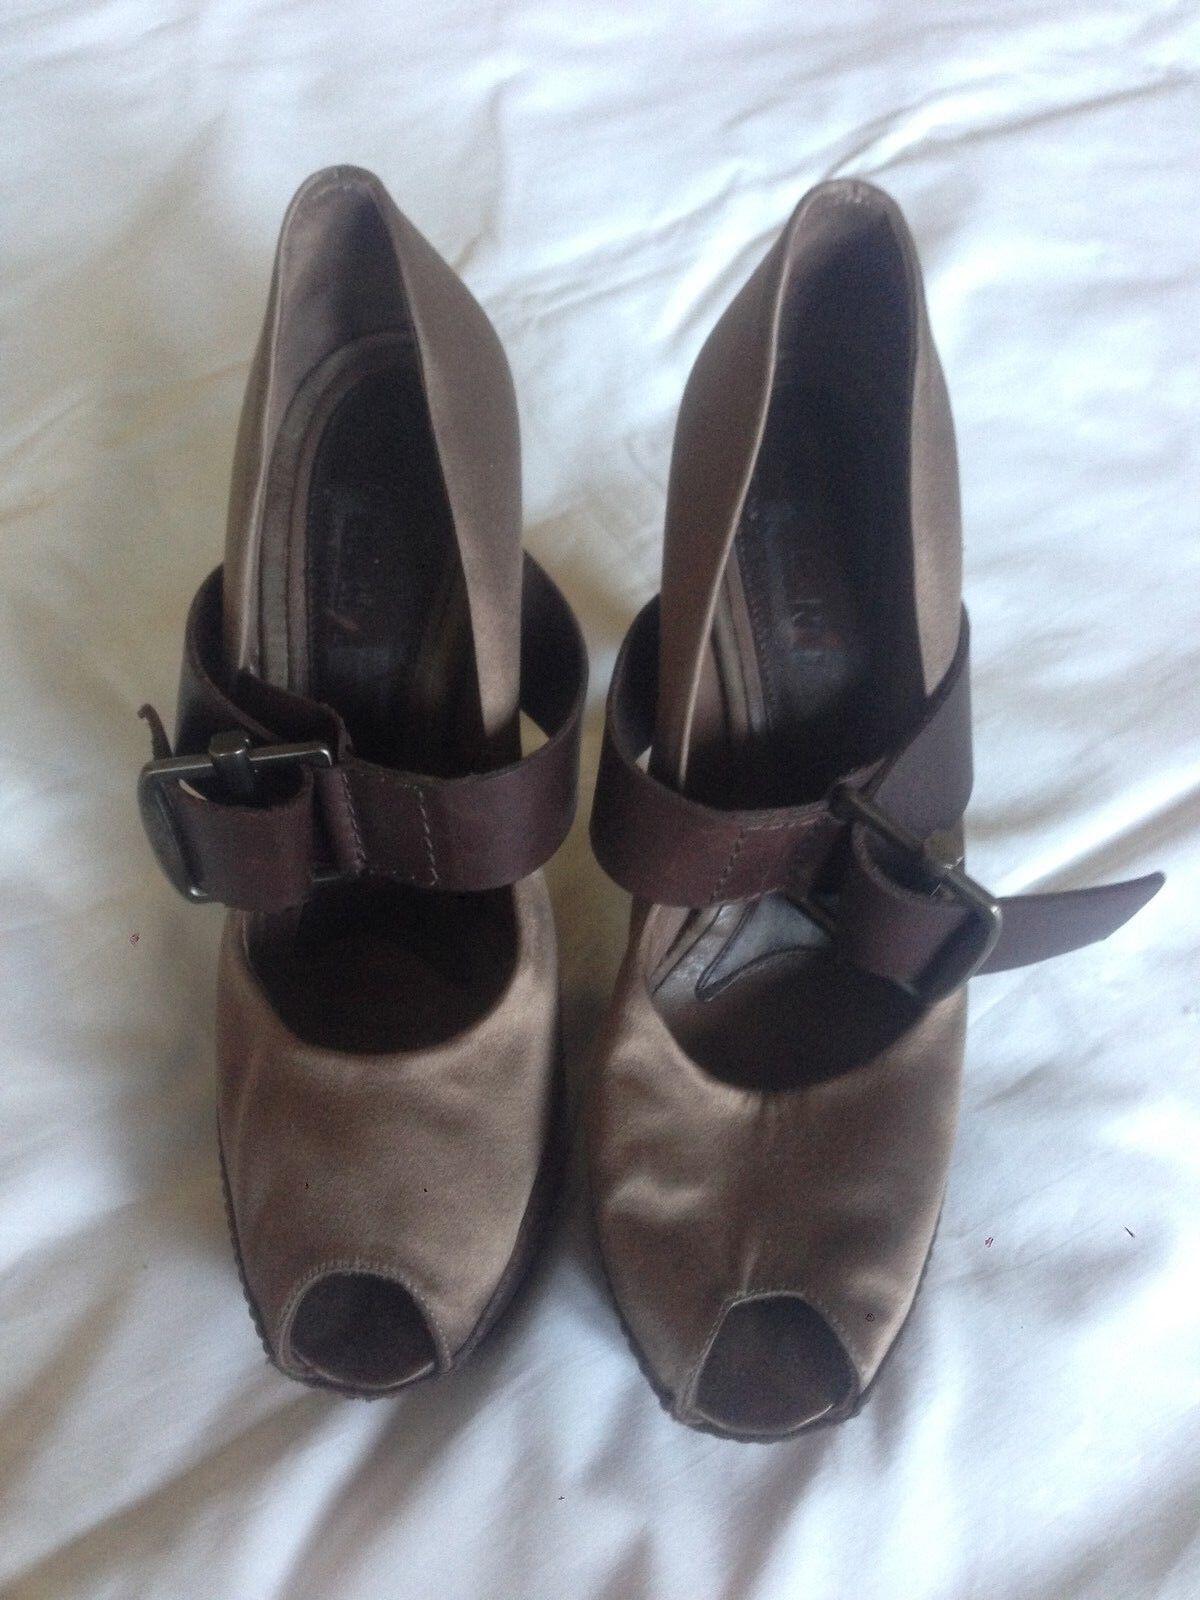 Sandali MARNI in raso usati - colore tortora - usati raso - taglia 40 4c7a9f